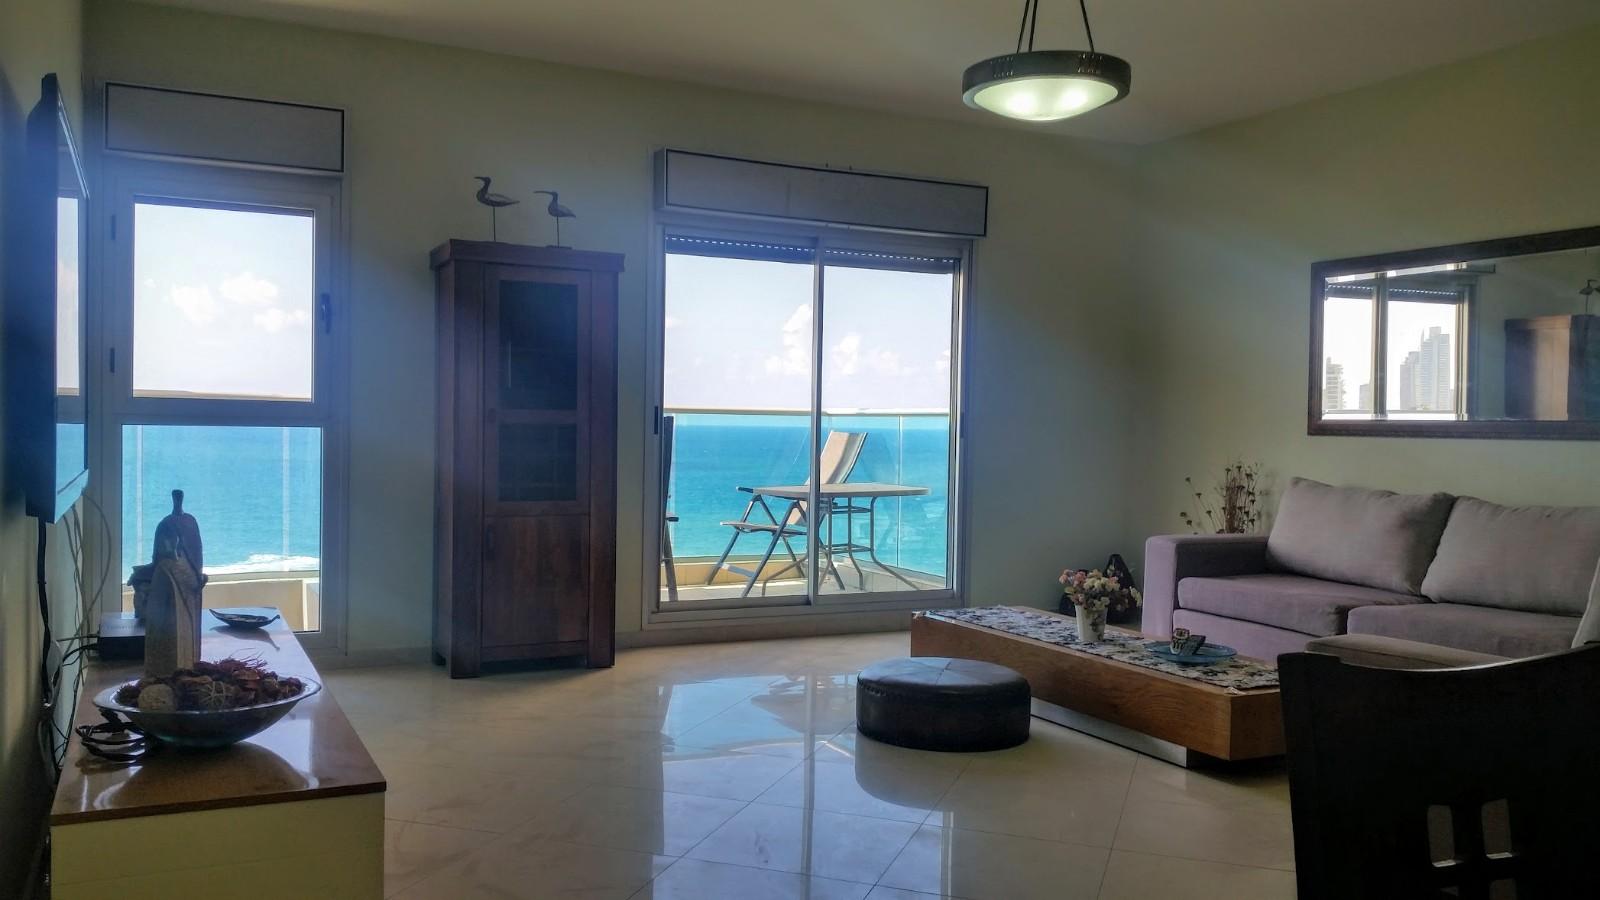 דירה להשכרה 4 חדרים 8,500₪ בחודש, בת ים